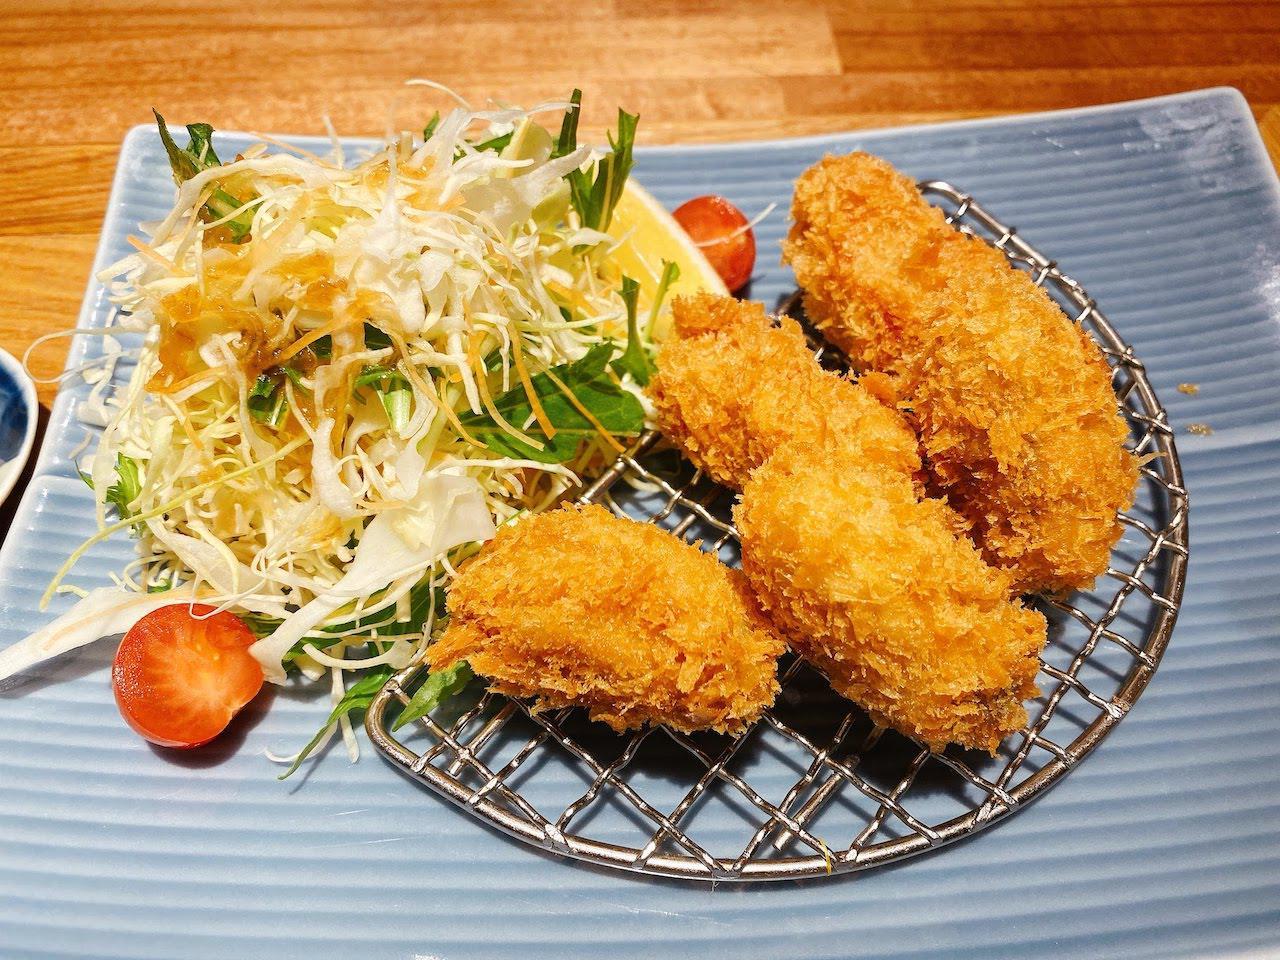 http://dinner.tokyo-review.com/images/IMG_0599.jpg